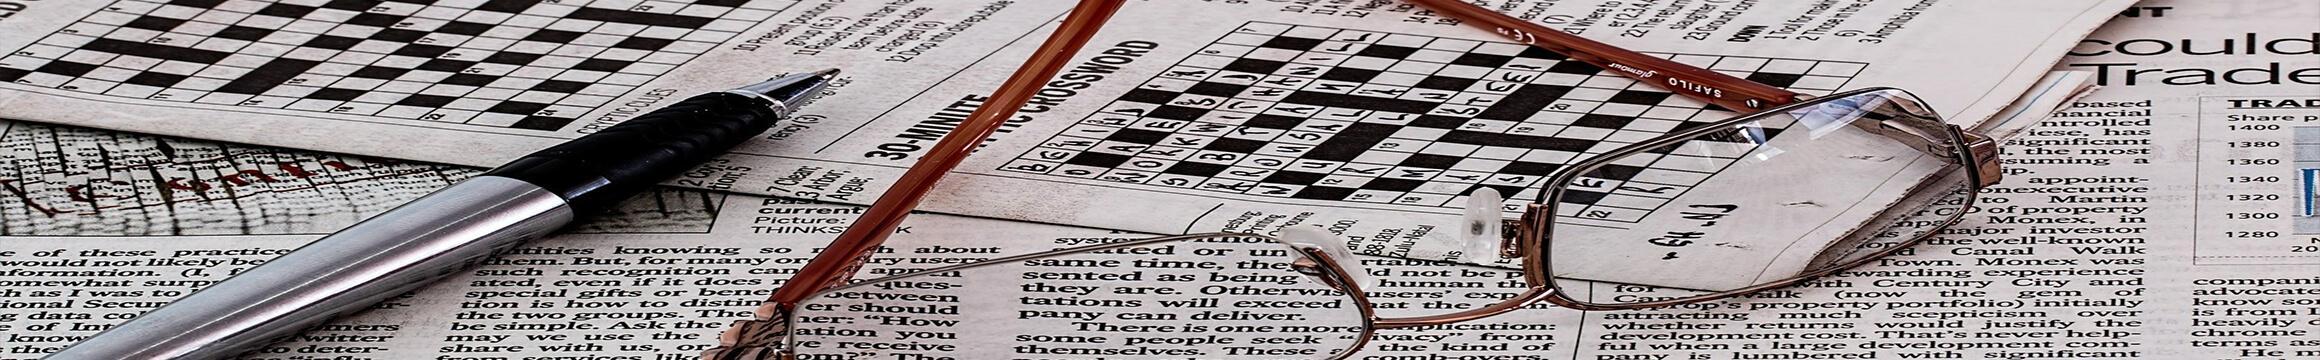 Crossword 01